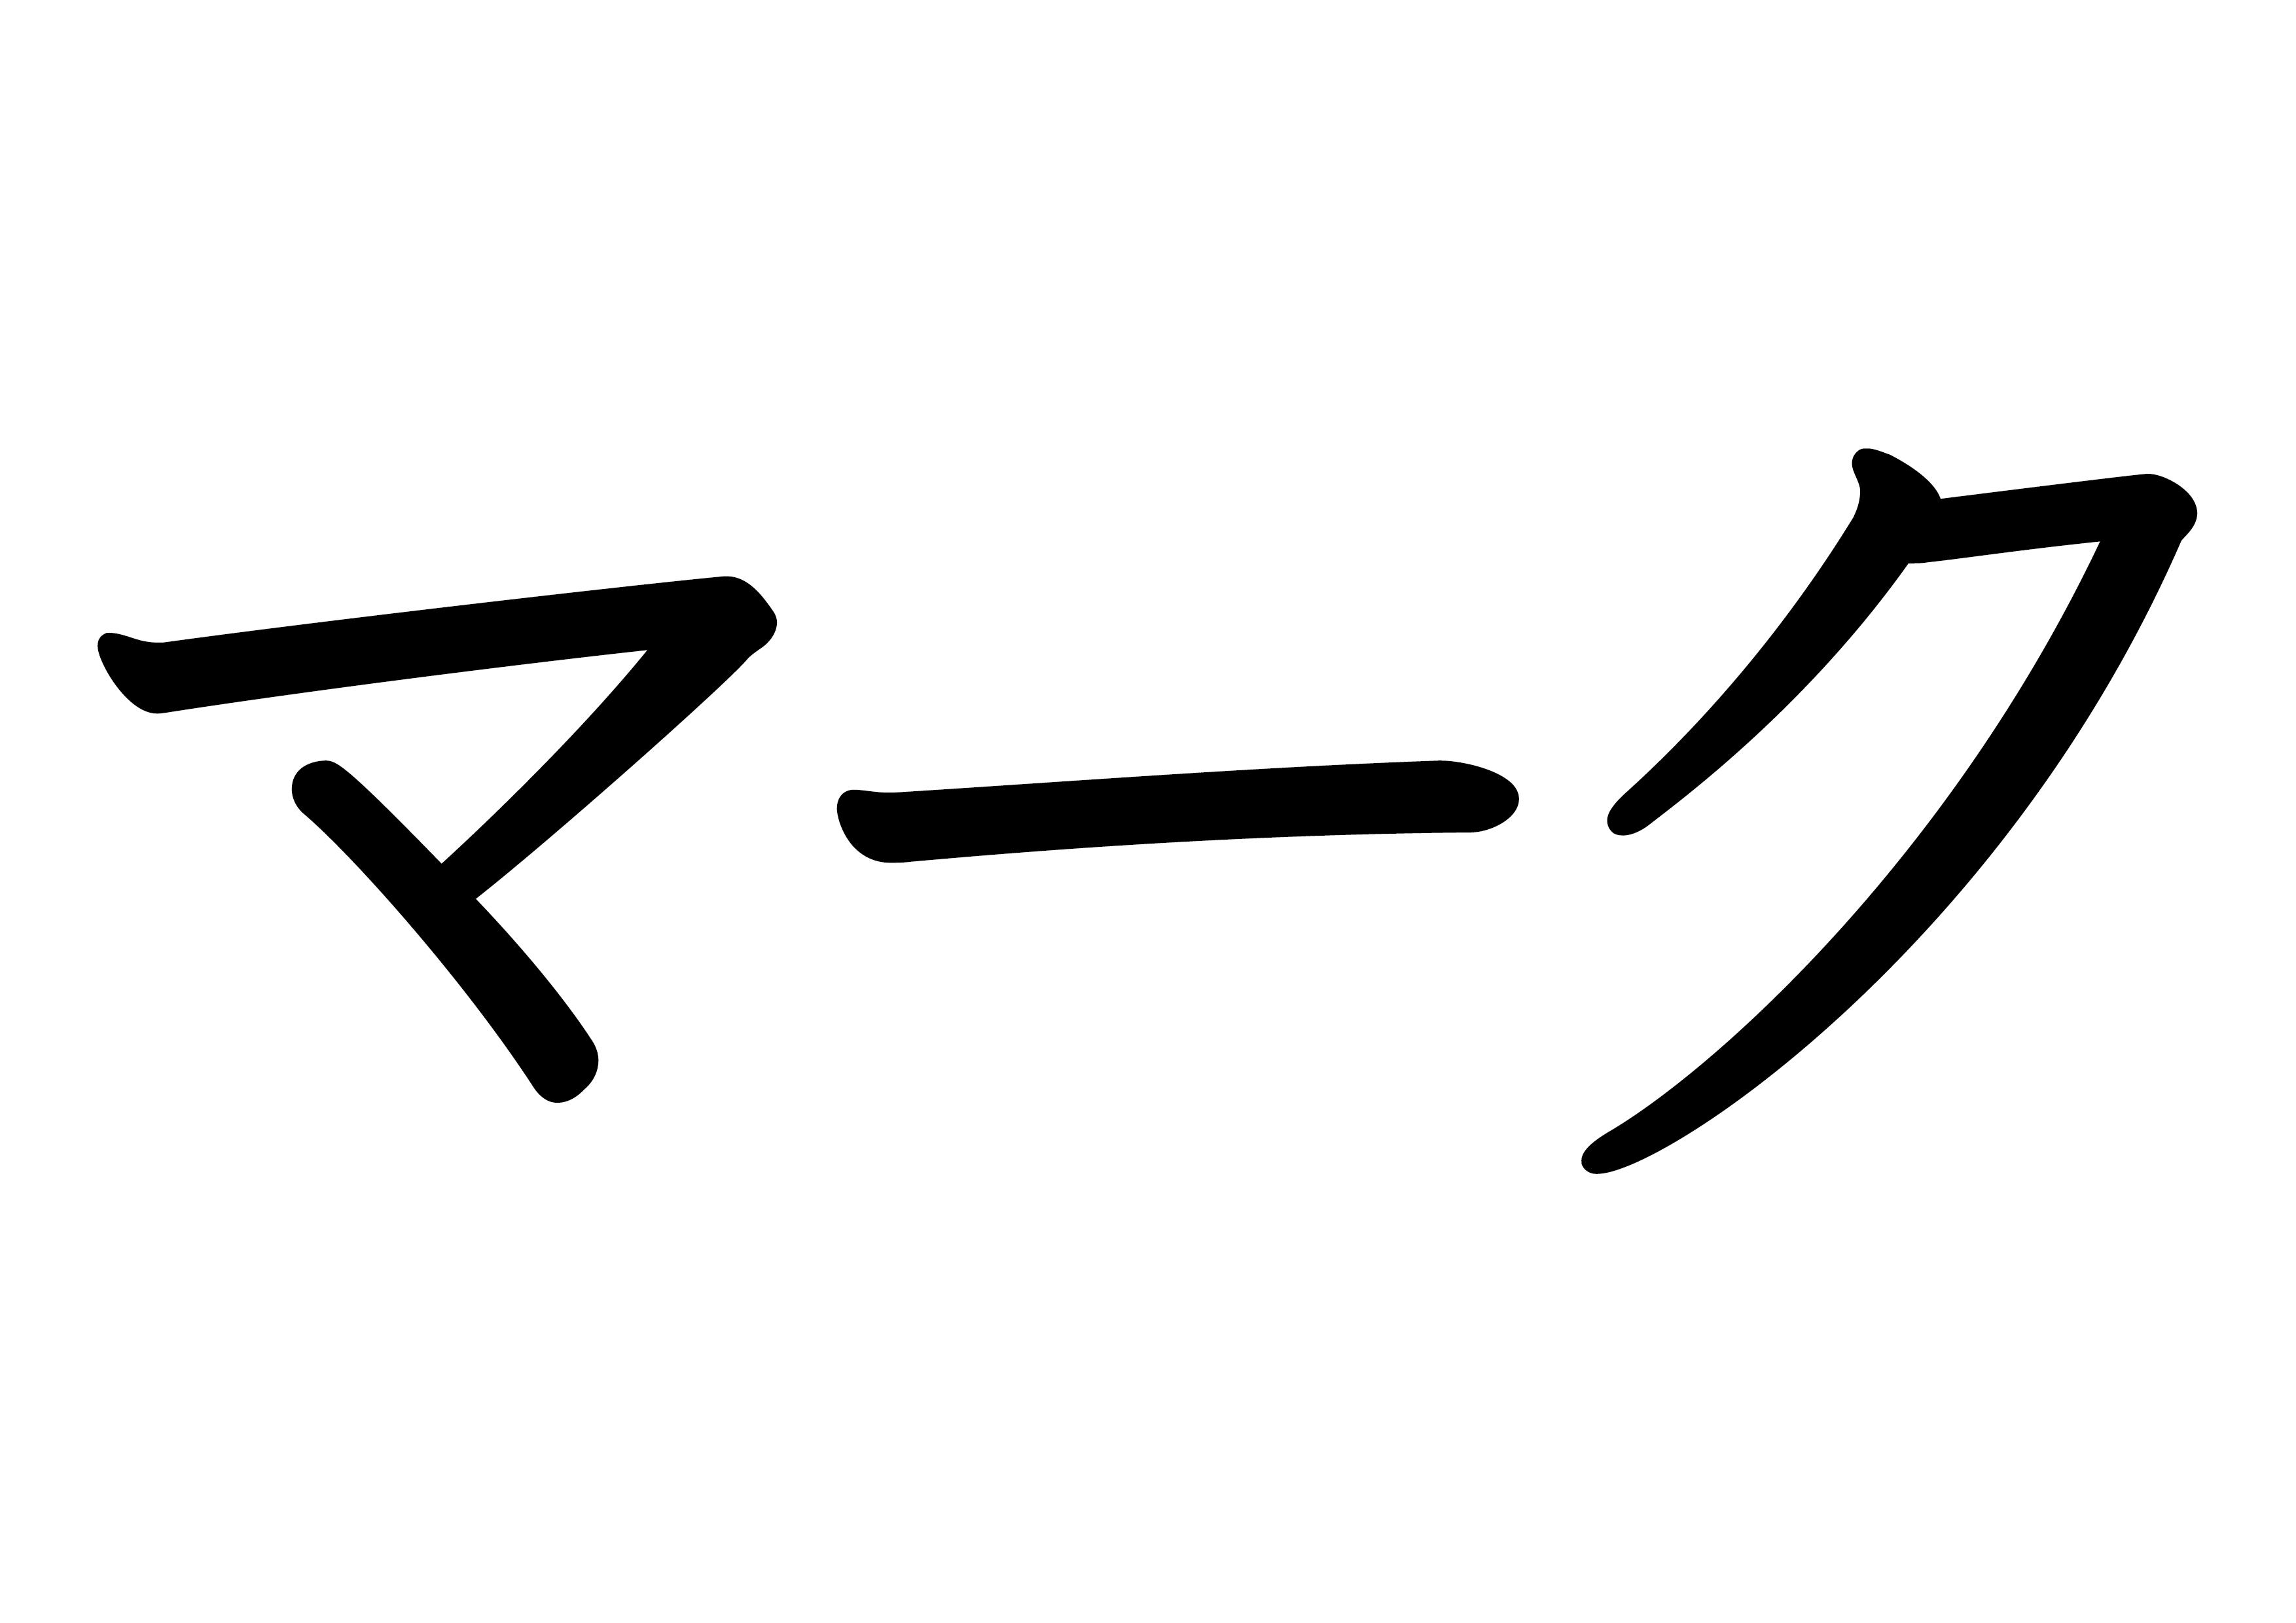 33課フラッシュカード 【マーク】